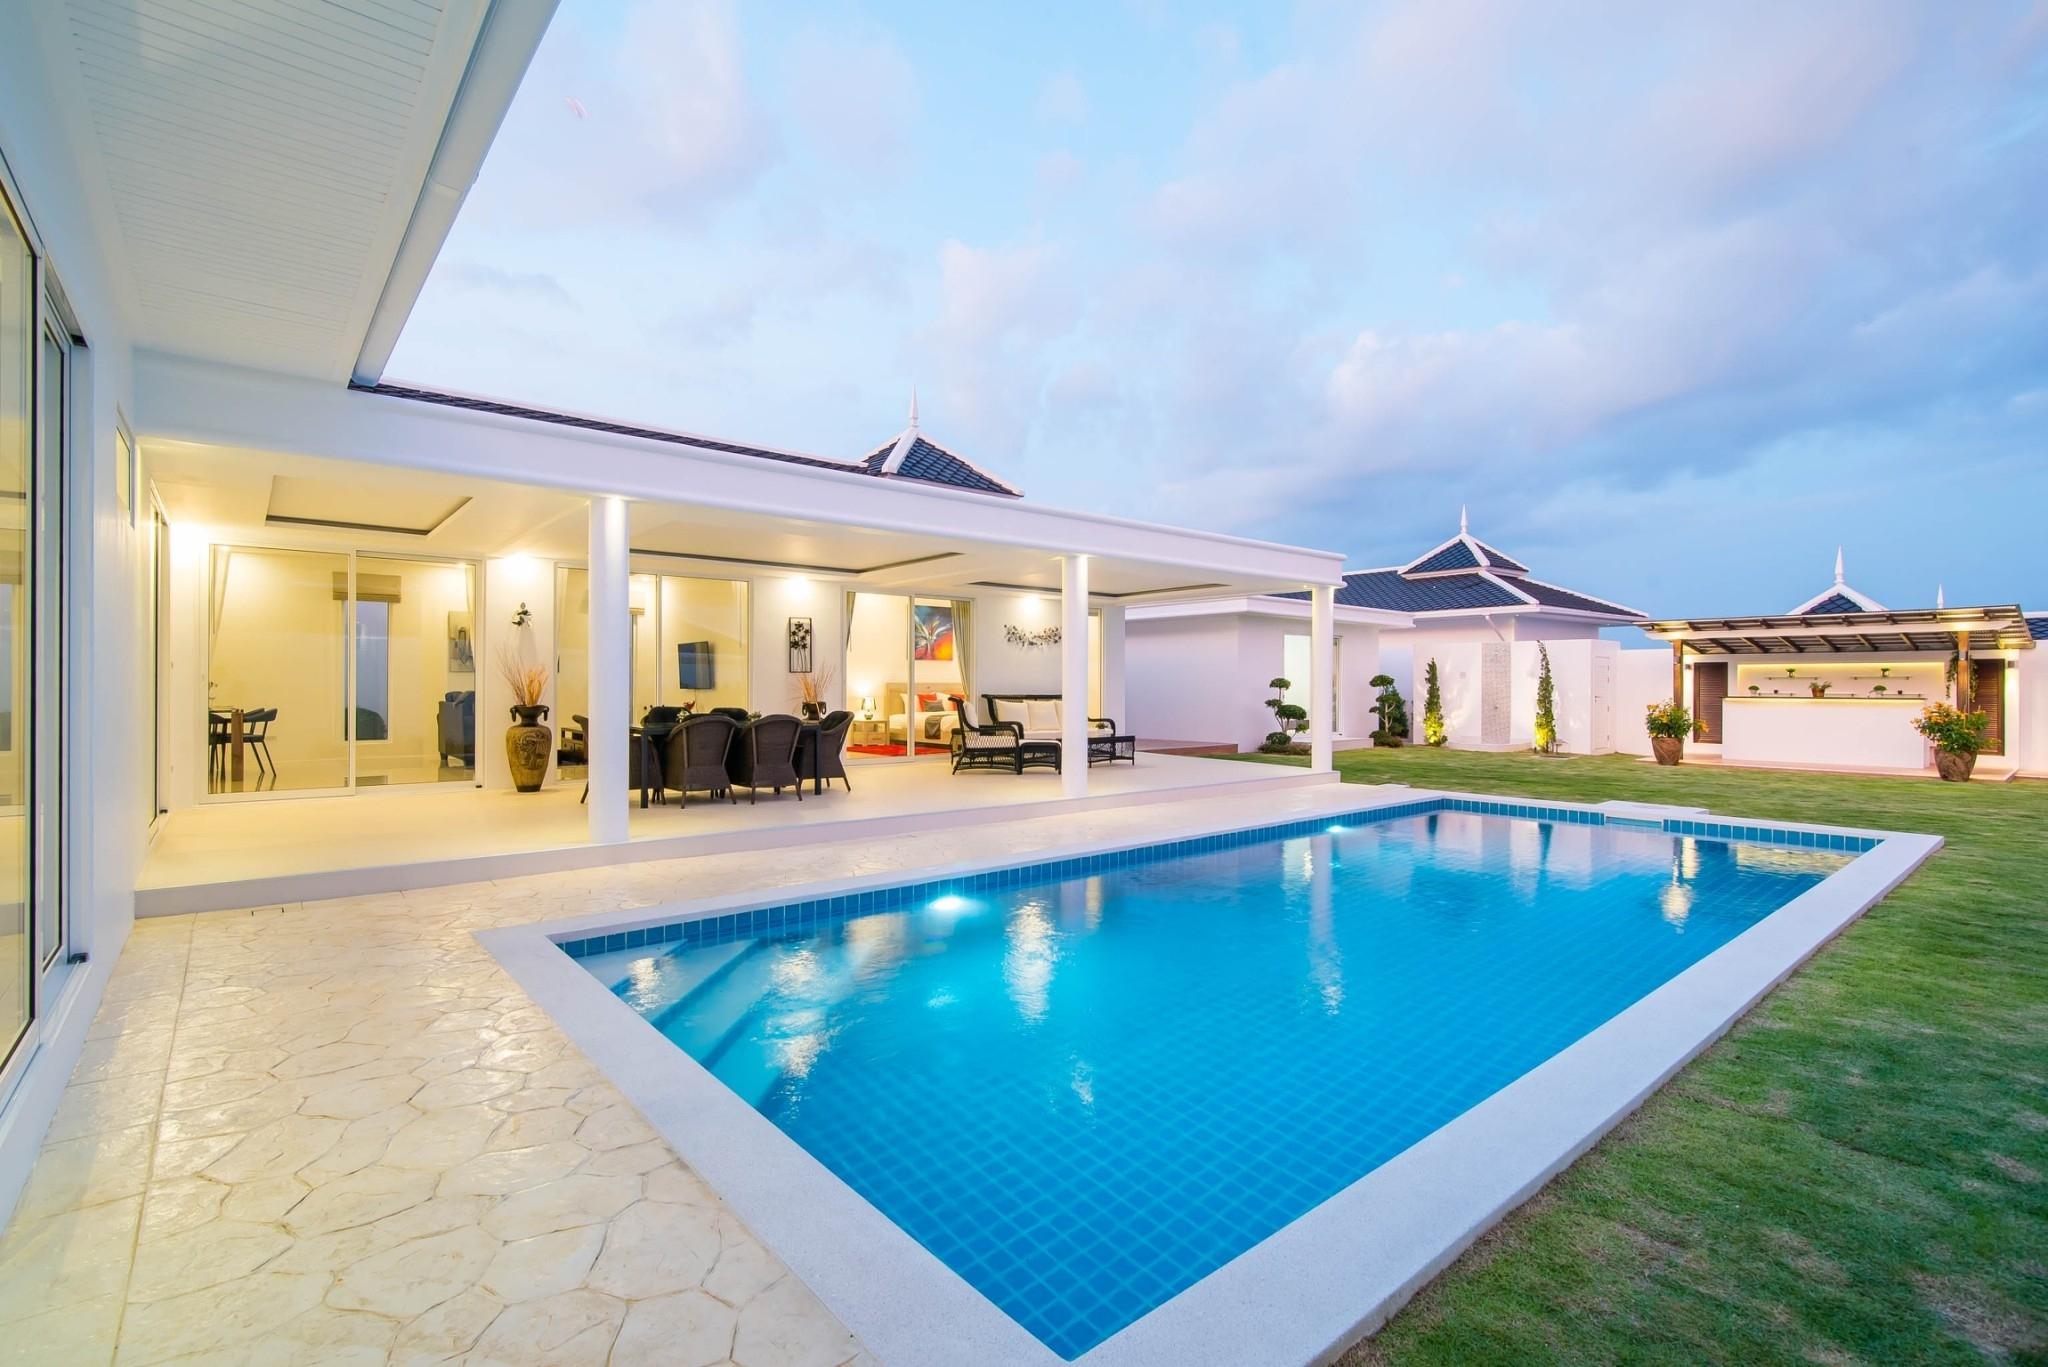 6. LC villa